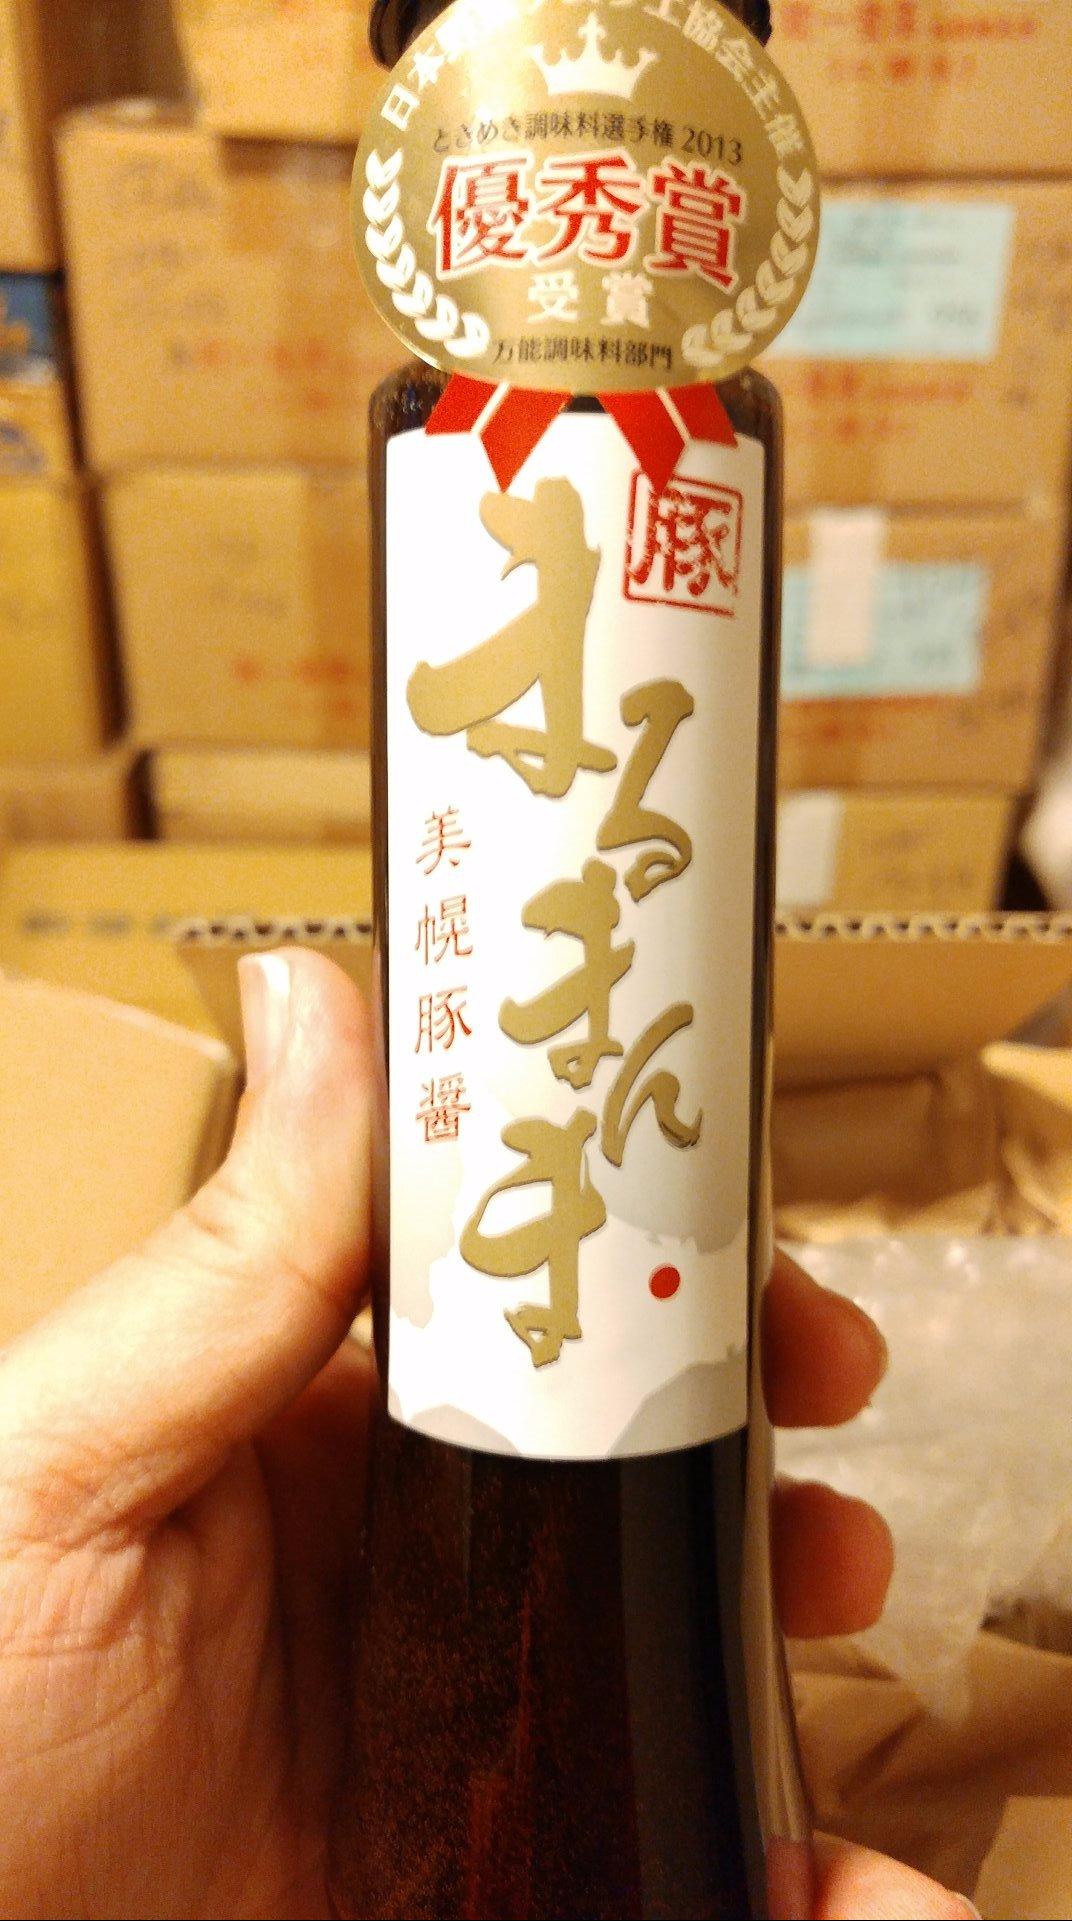 美幌豚醤油「まるまんま」入手!